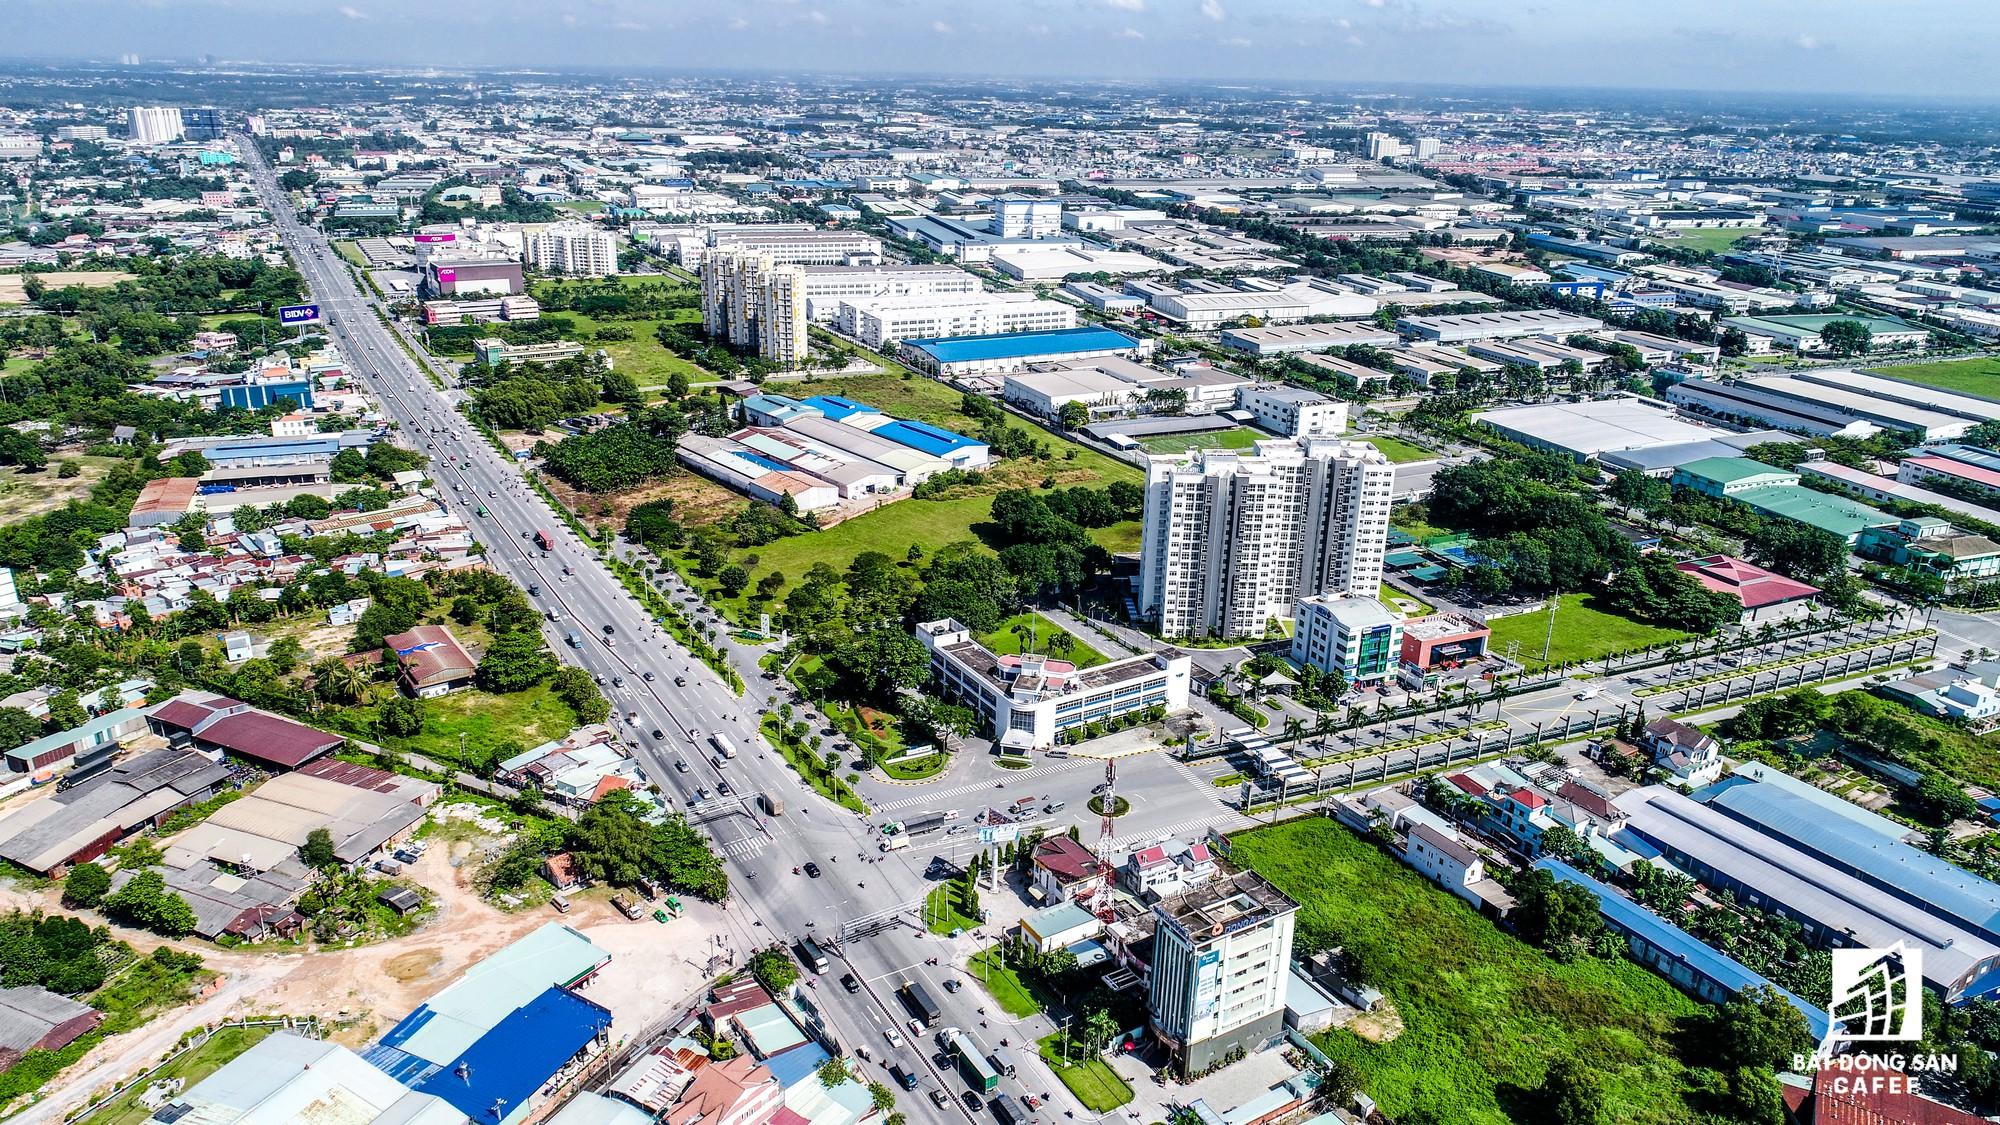 Đây sẽ là thương vụ IPO lớn nhất năm 2017, và đứng thứ 2 trong lịch sử thị trường chứng khoán Việt Nam sau thương vụ IPO Vietcombank cách đây 10 năm, thu về hơn 10.500 tỷ đồng.